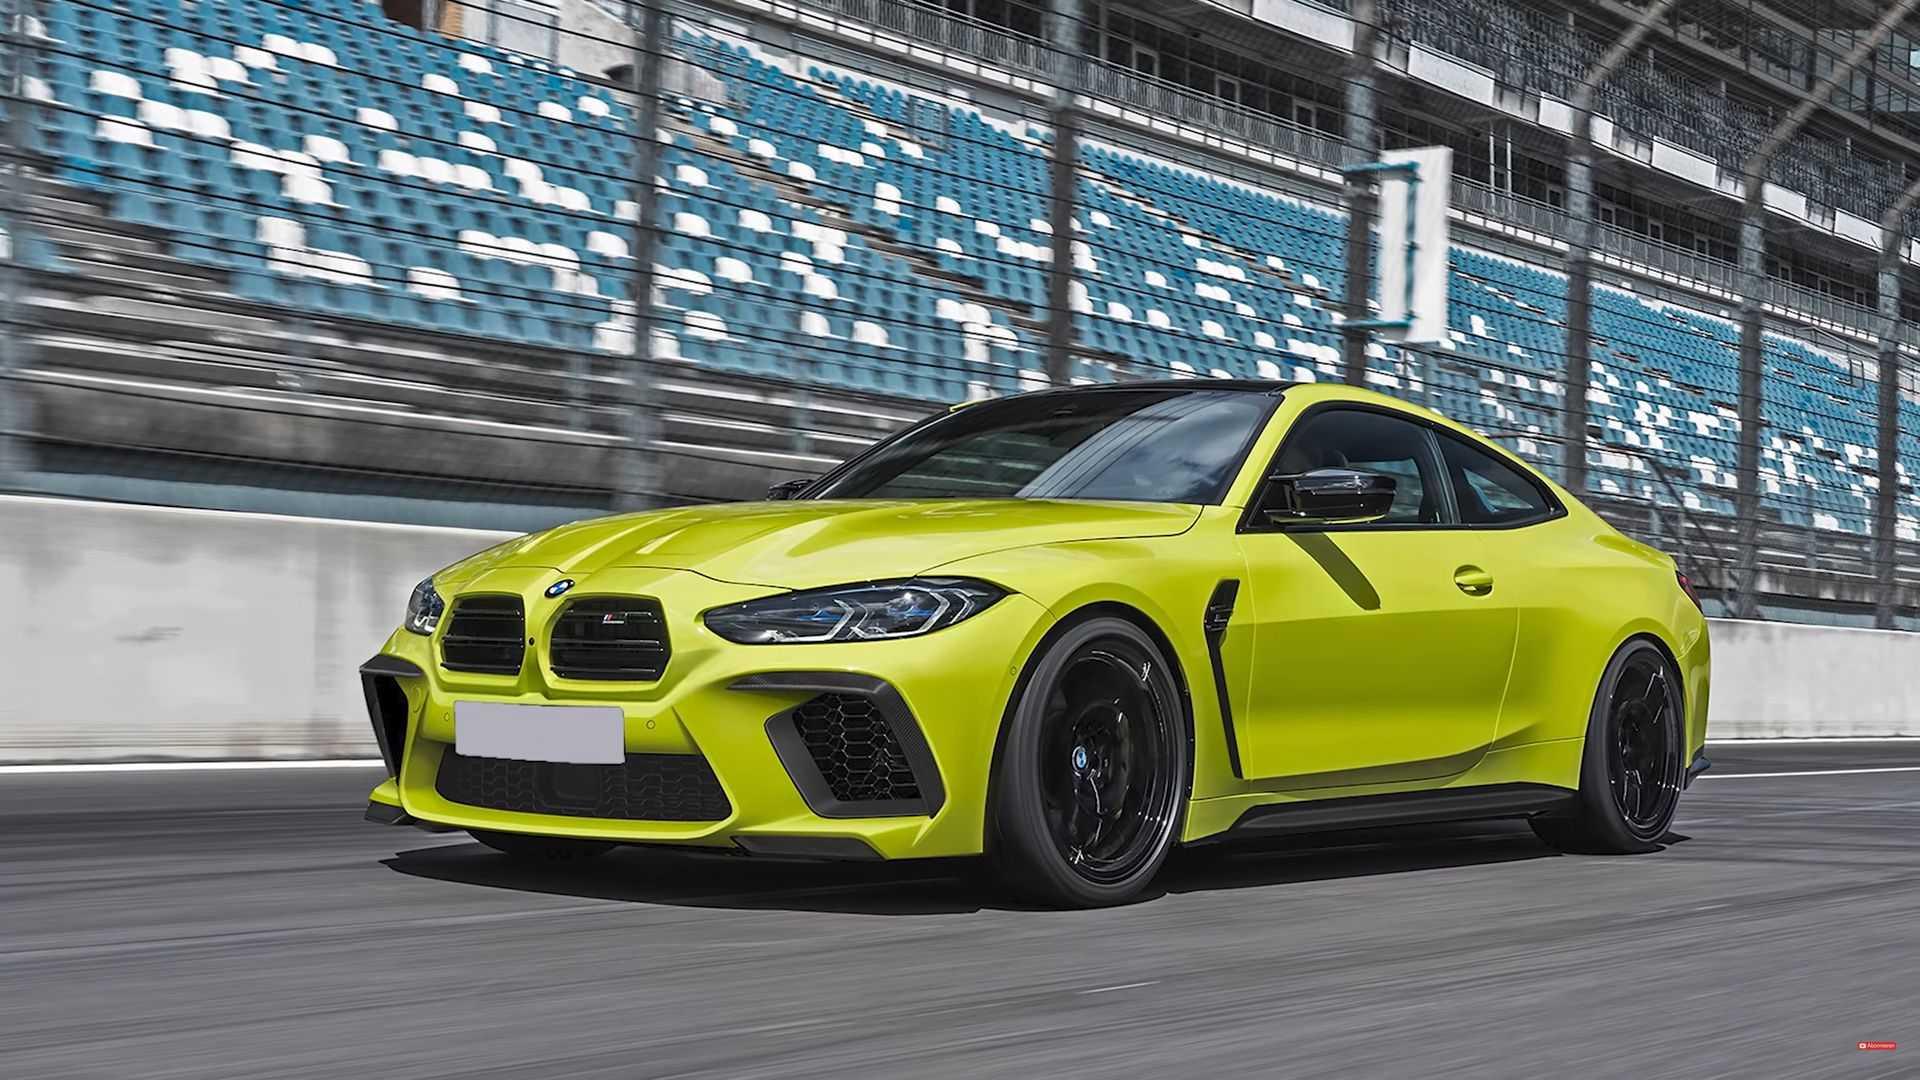 BMW-M4-Aftermarket-Redesign-4